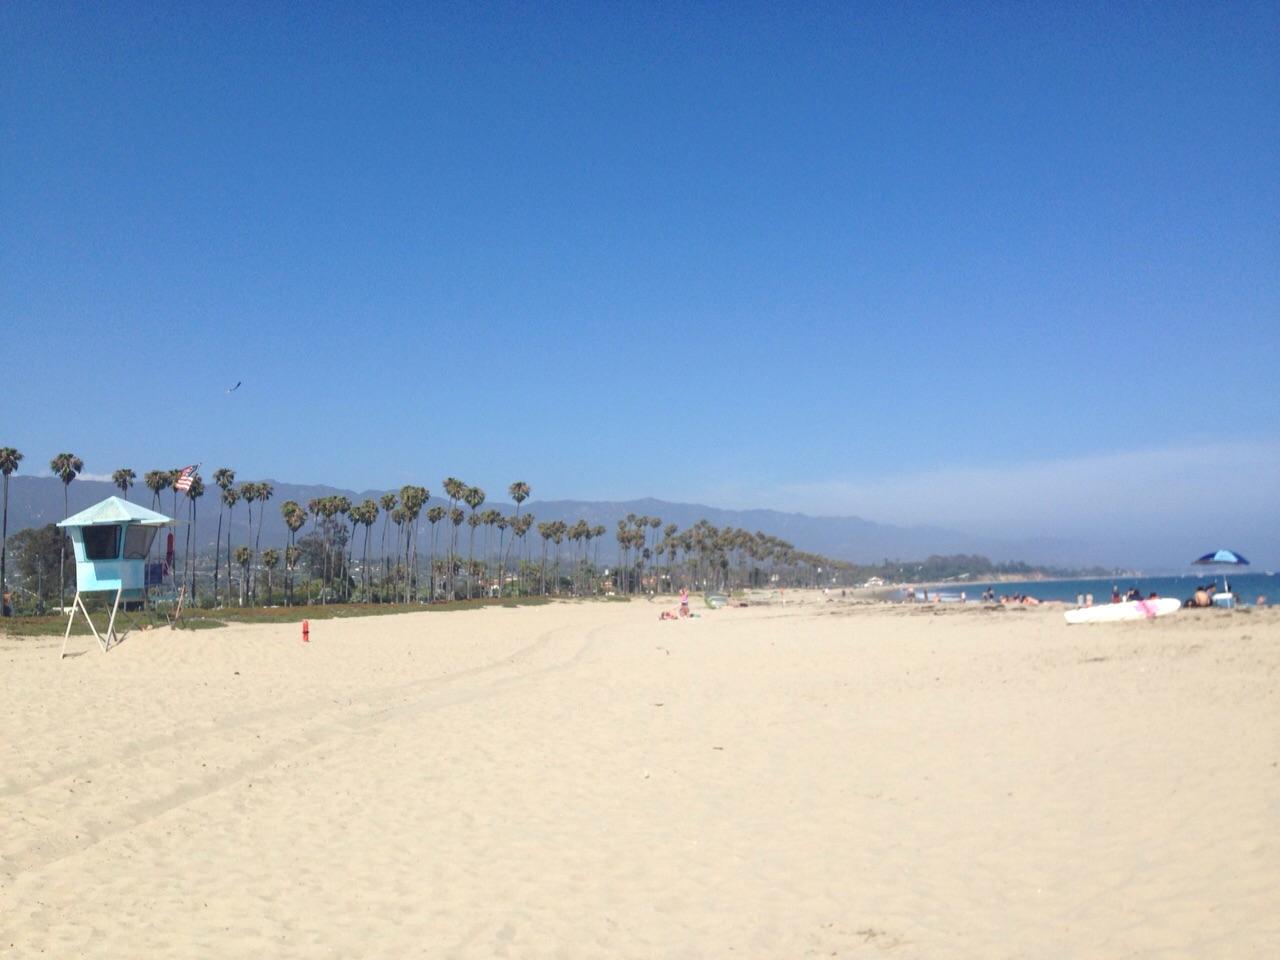 Der Strand war richtig schön